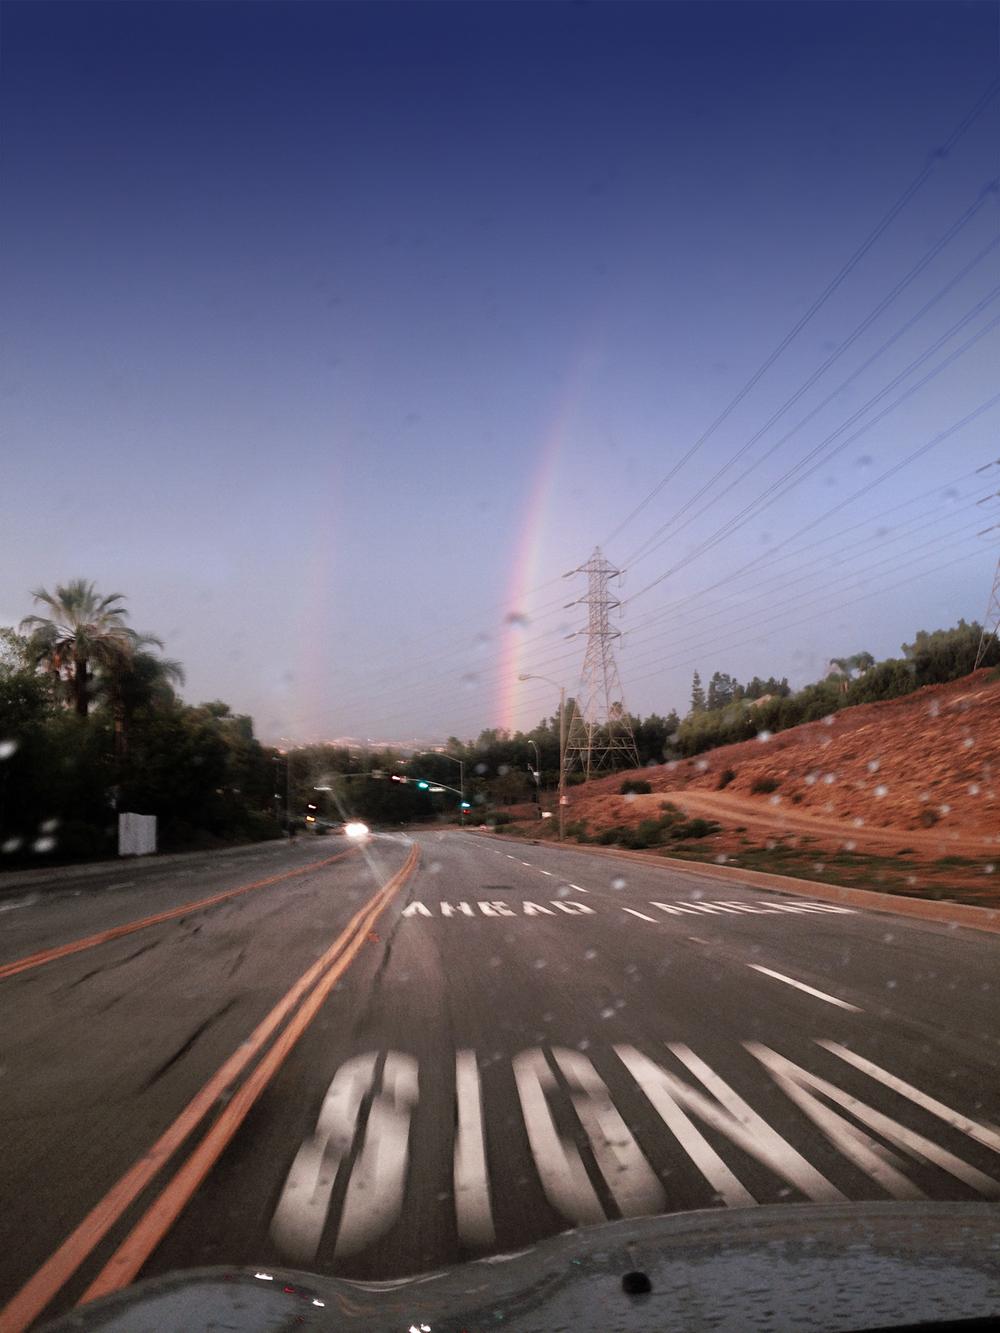 Rainbow-signal-ahead-1920.jpg